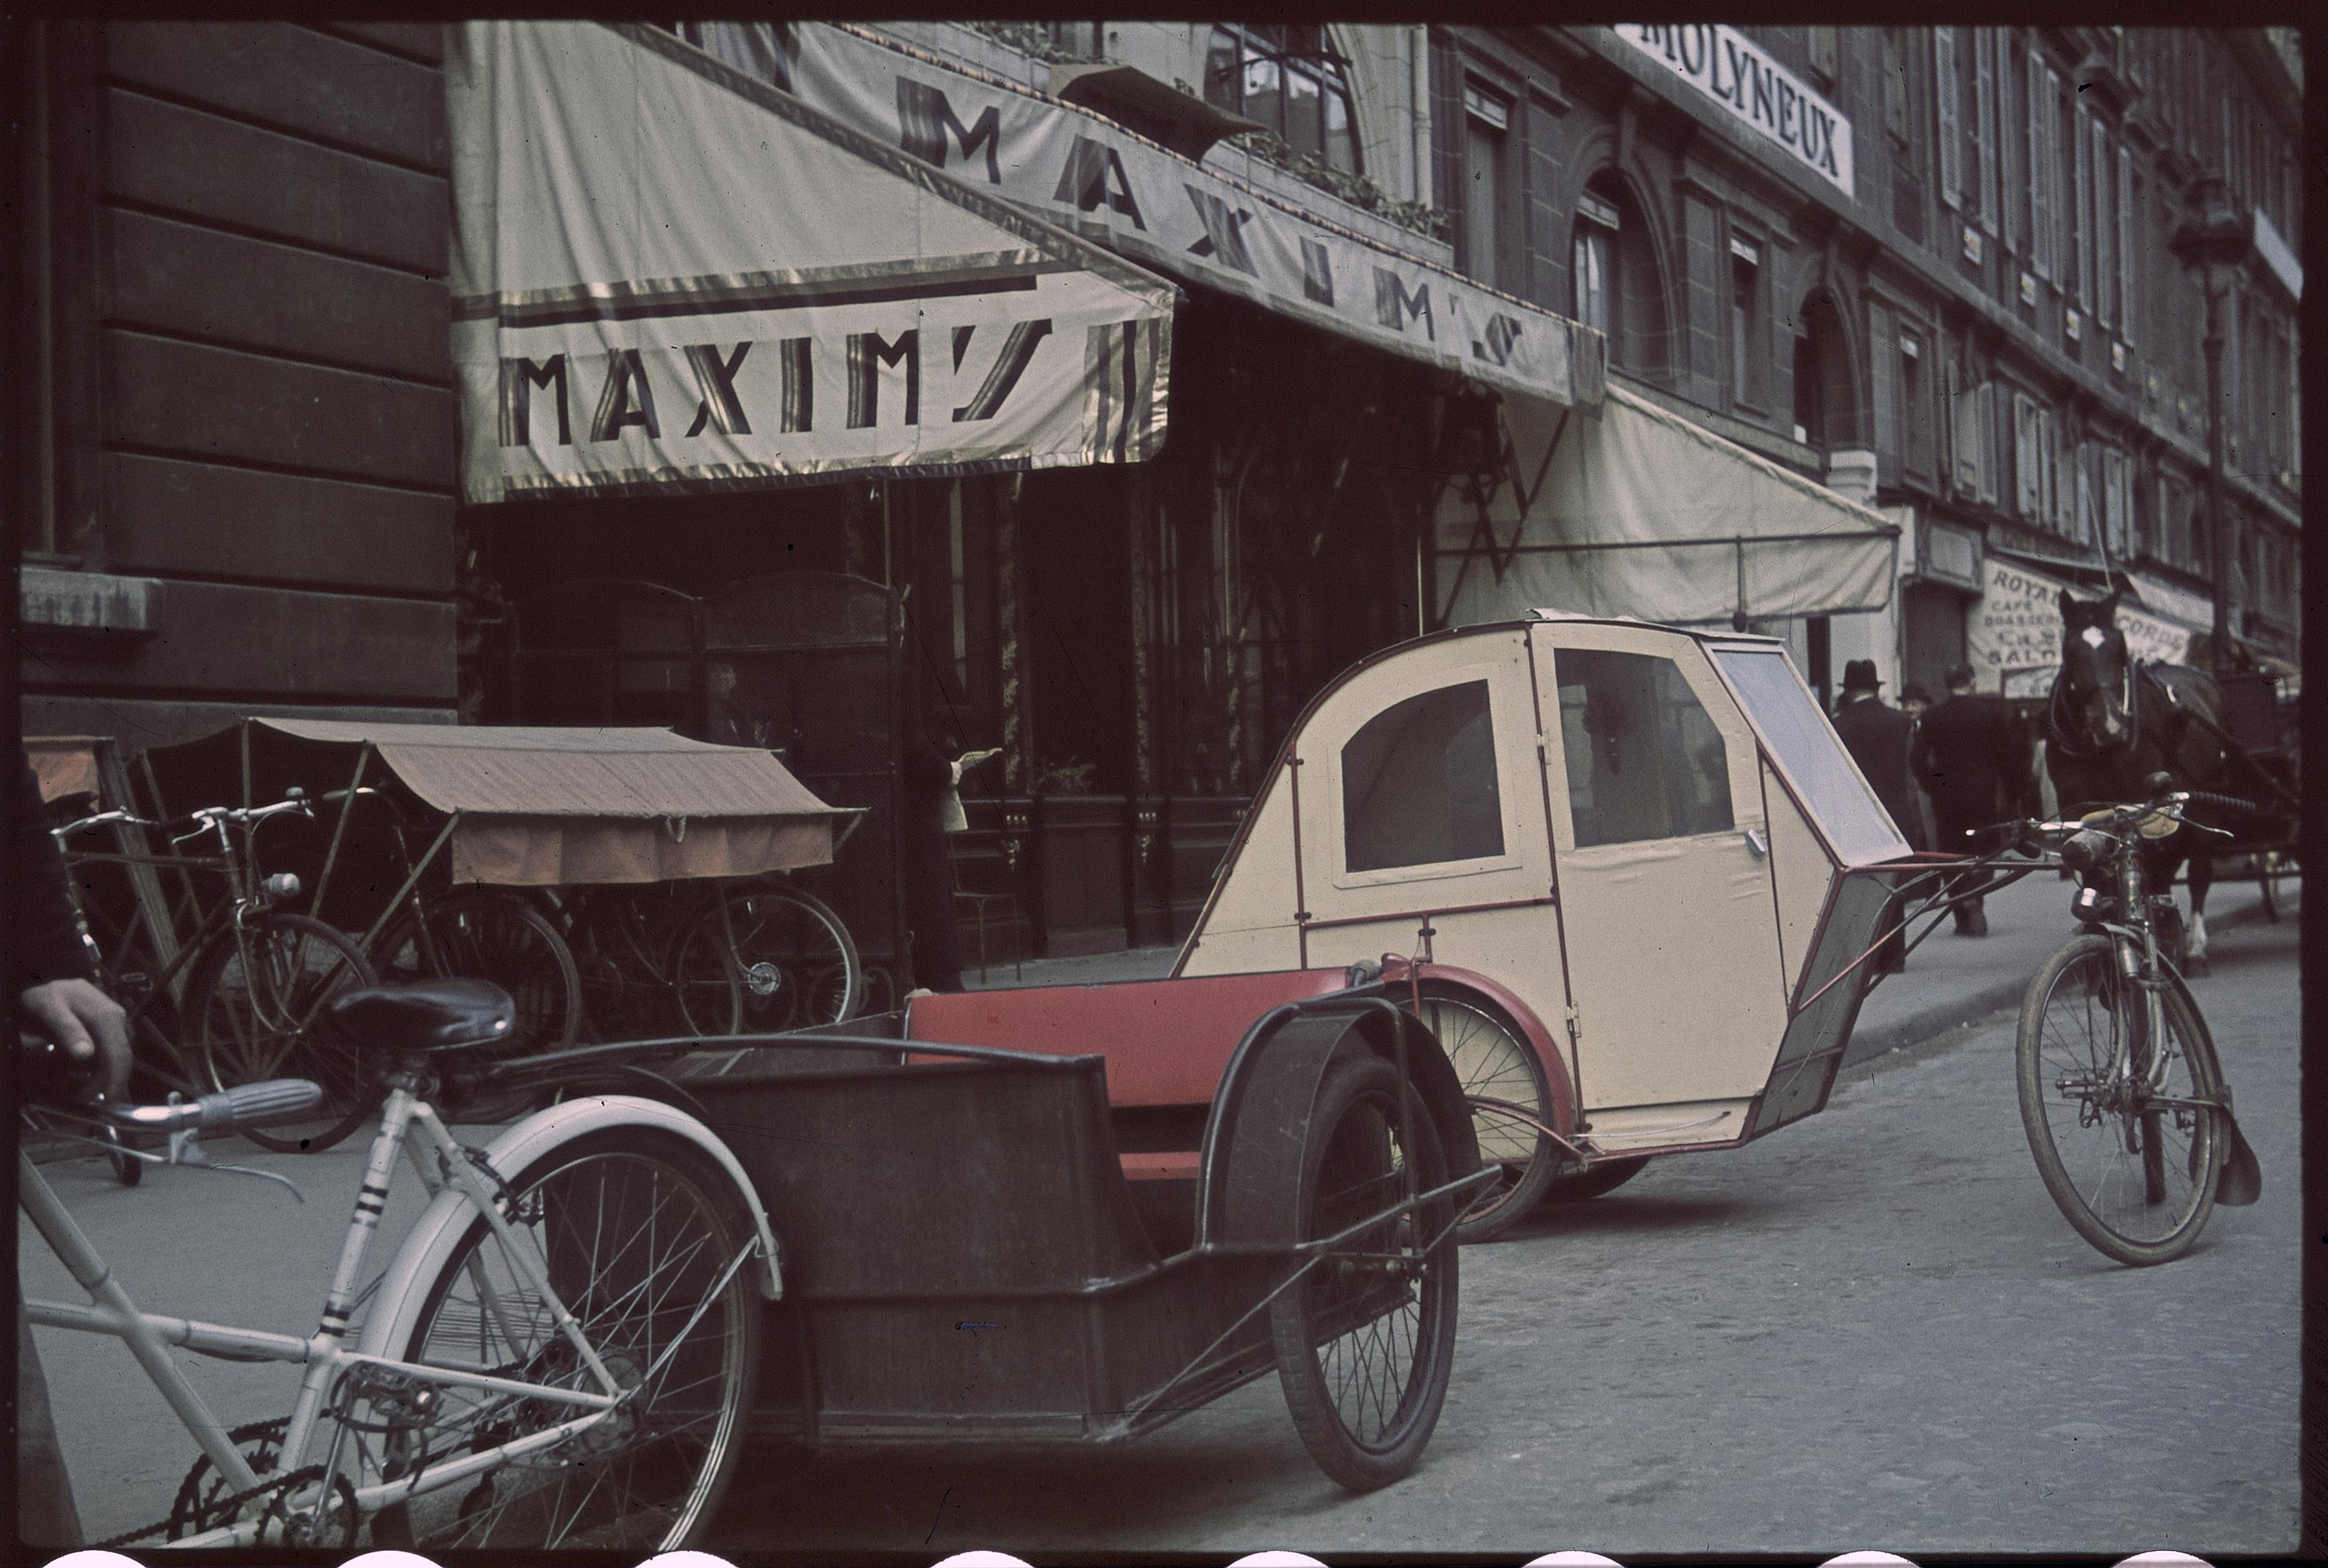 Велотакси, ожидающие перед Максимом